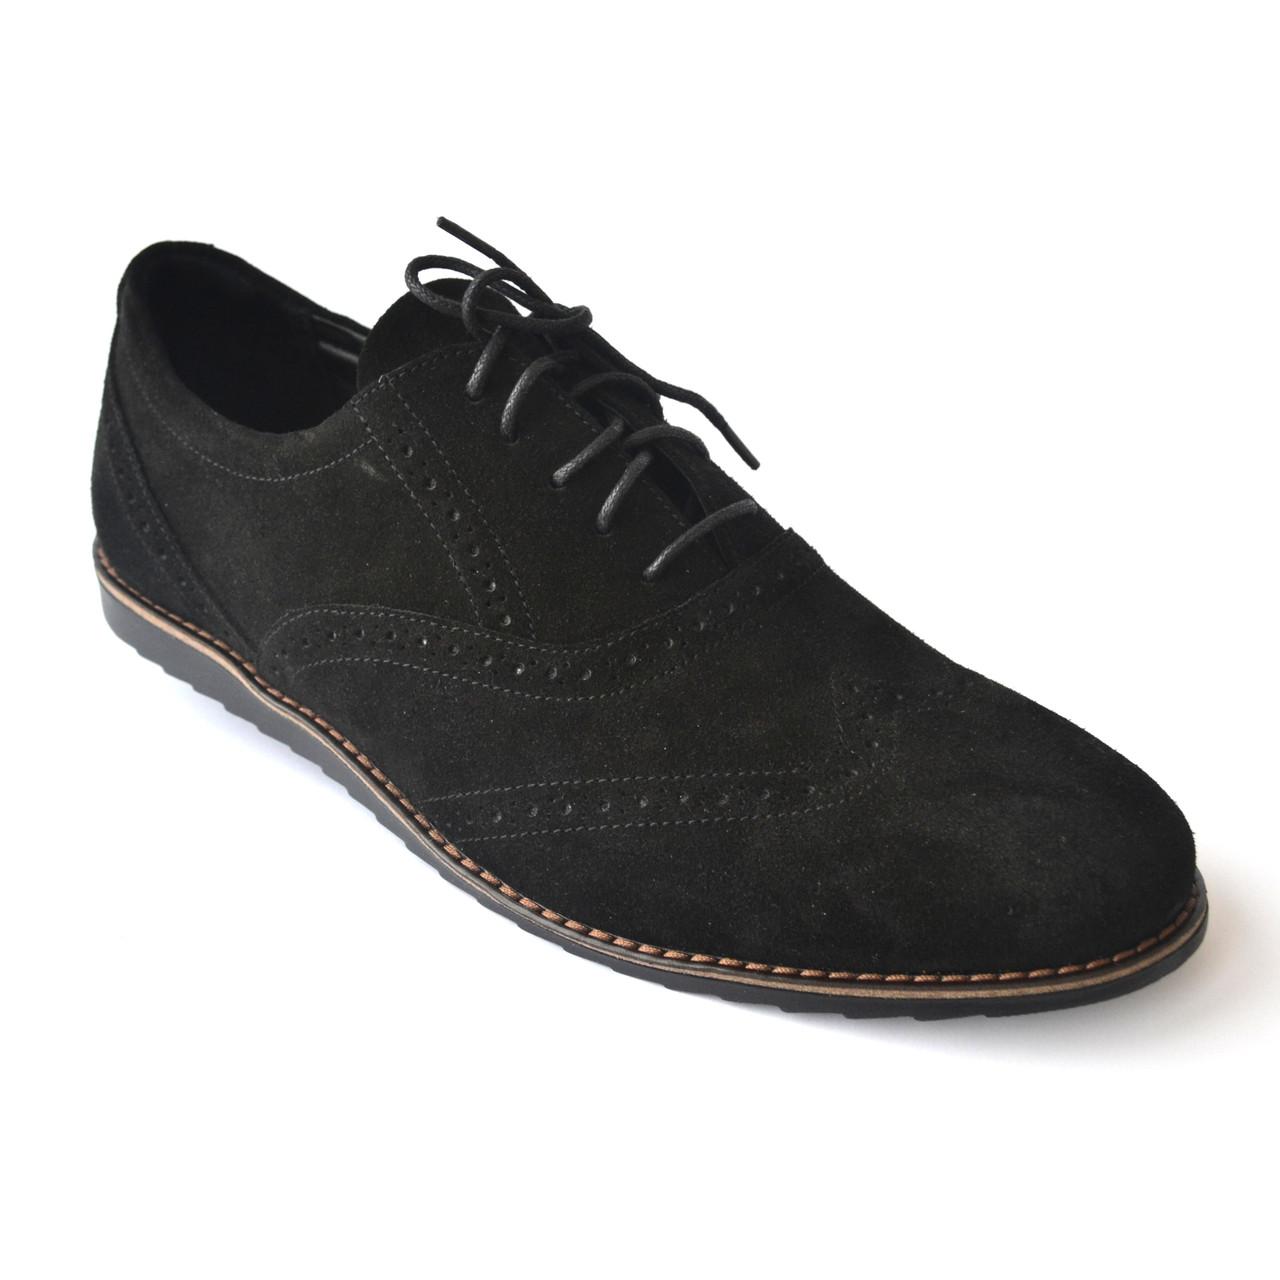 Легкие броги туфли мужские замш Rosso Avangard Breakage VEL черные